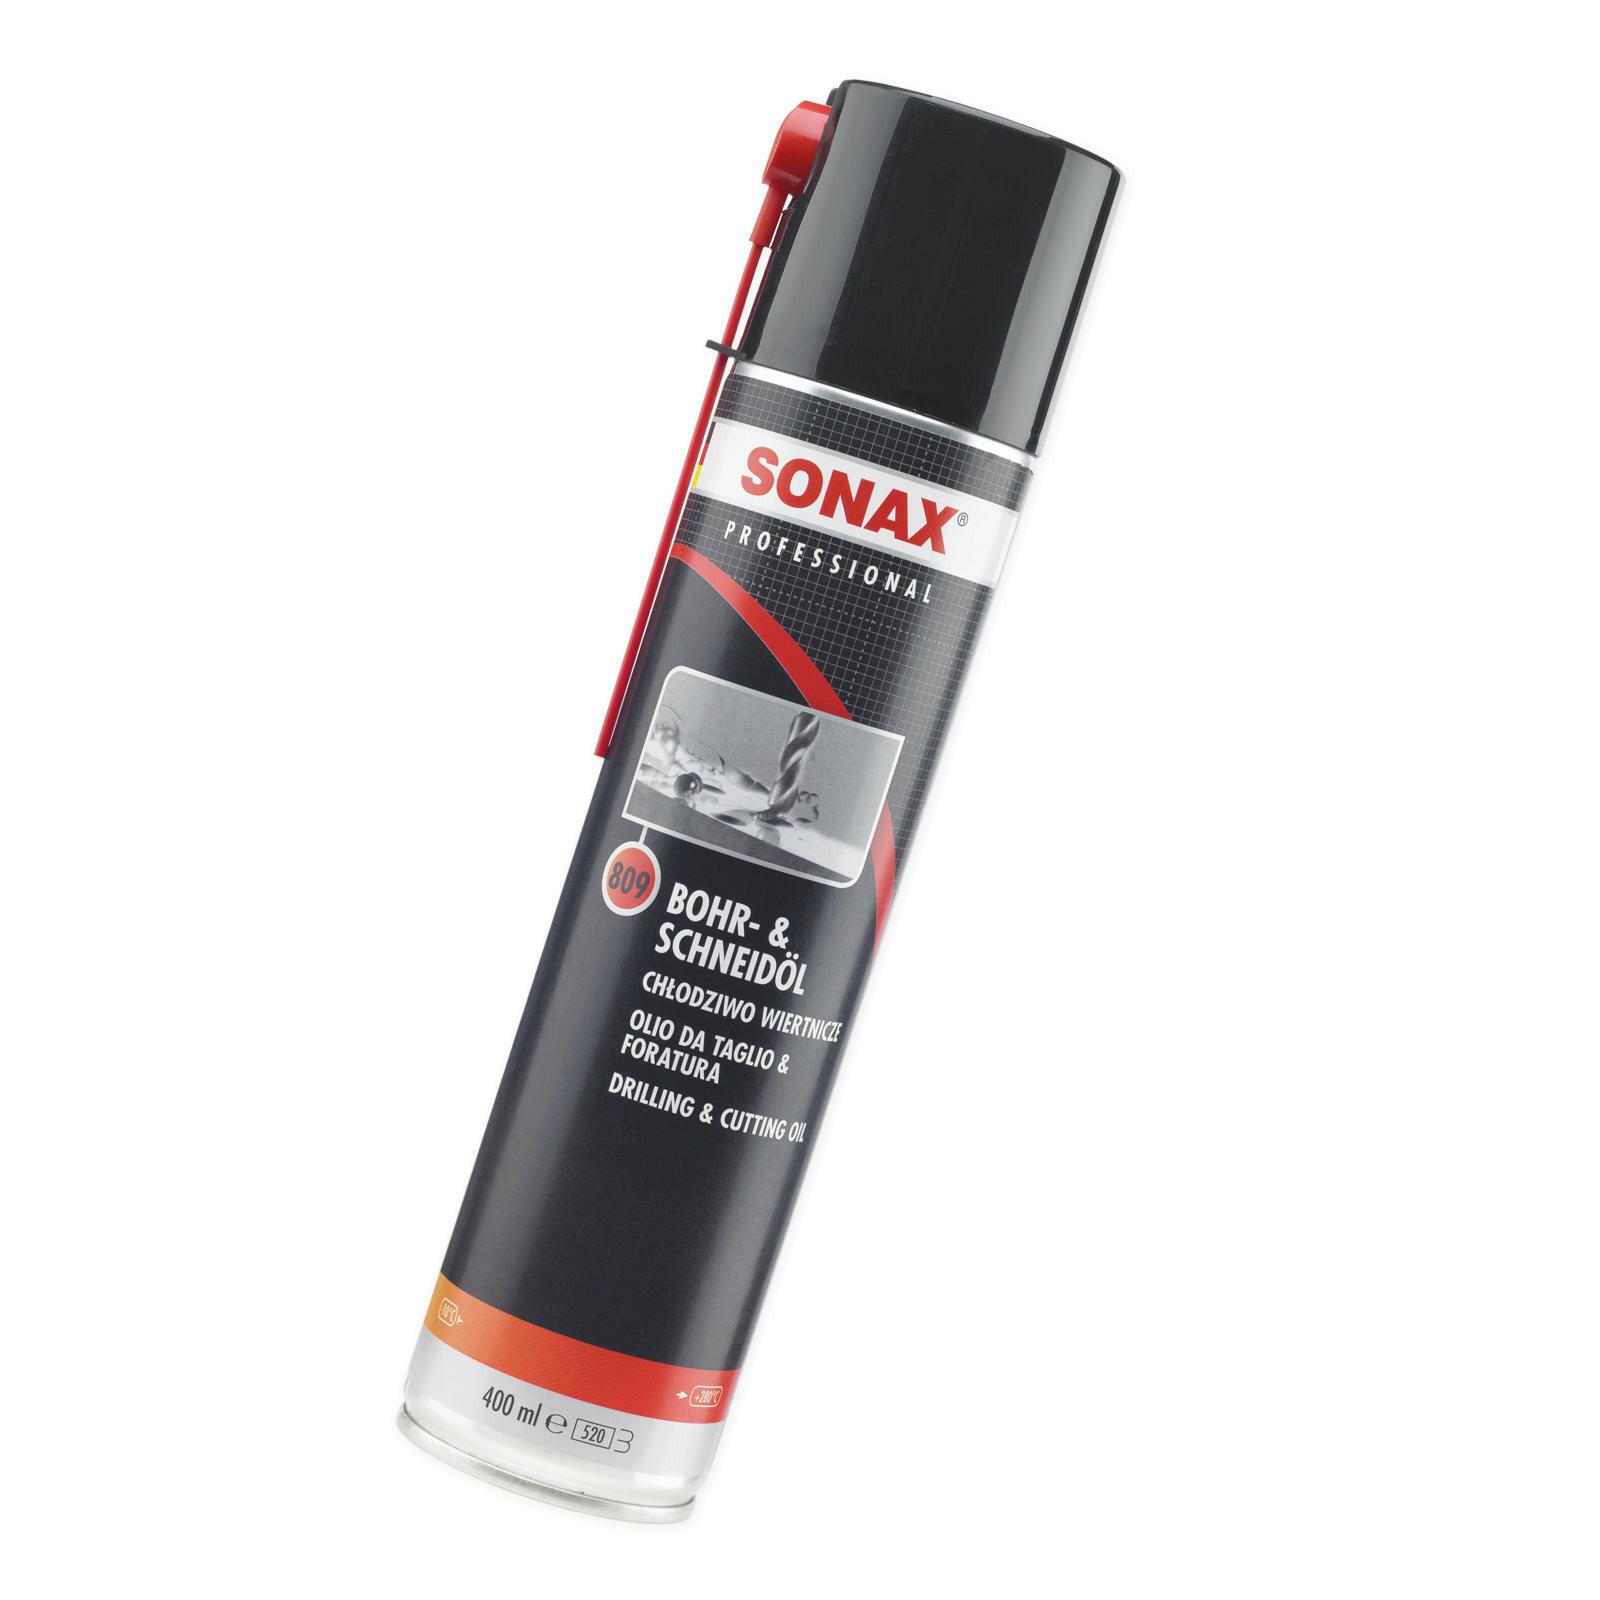 SONAX PROFESSIONAL Bohr- & SchneidÖl 400ml